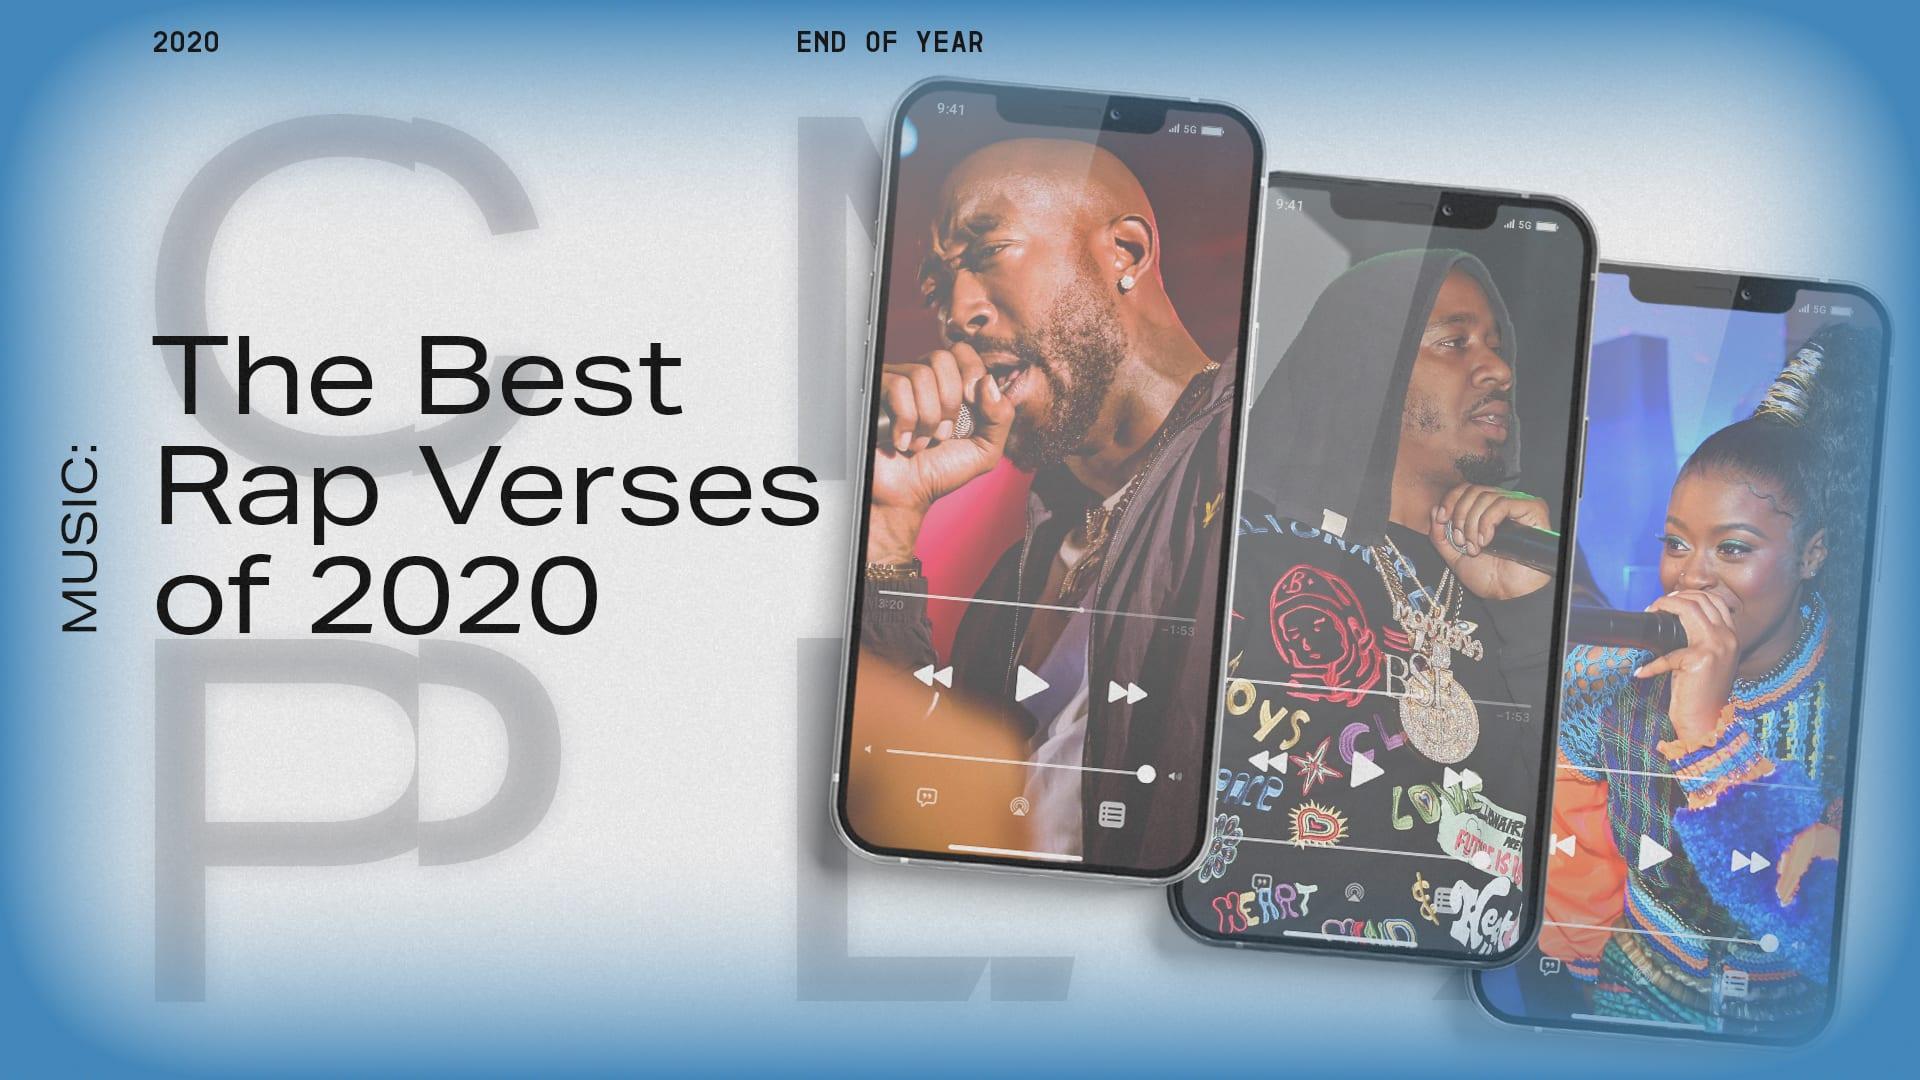 bes-rap-verses-2020-lead